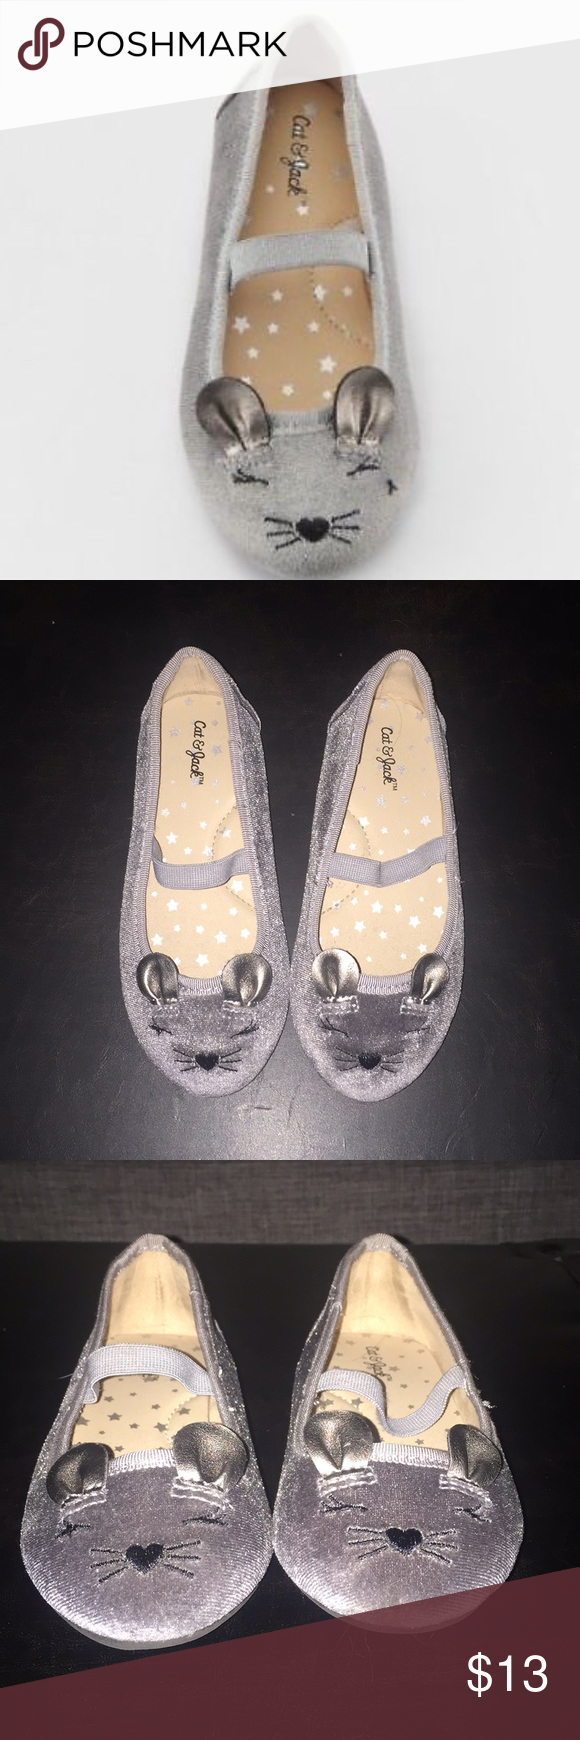 Adorable Cat \u0026 Jack mouse shoes size 9